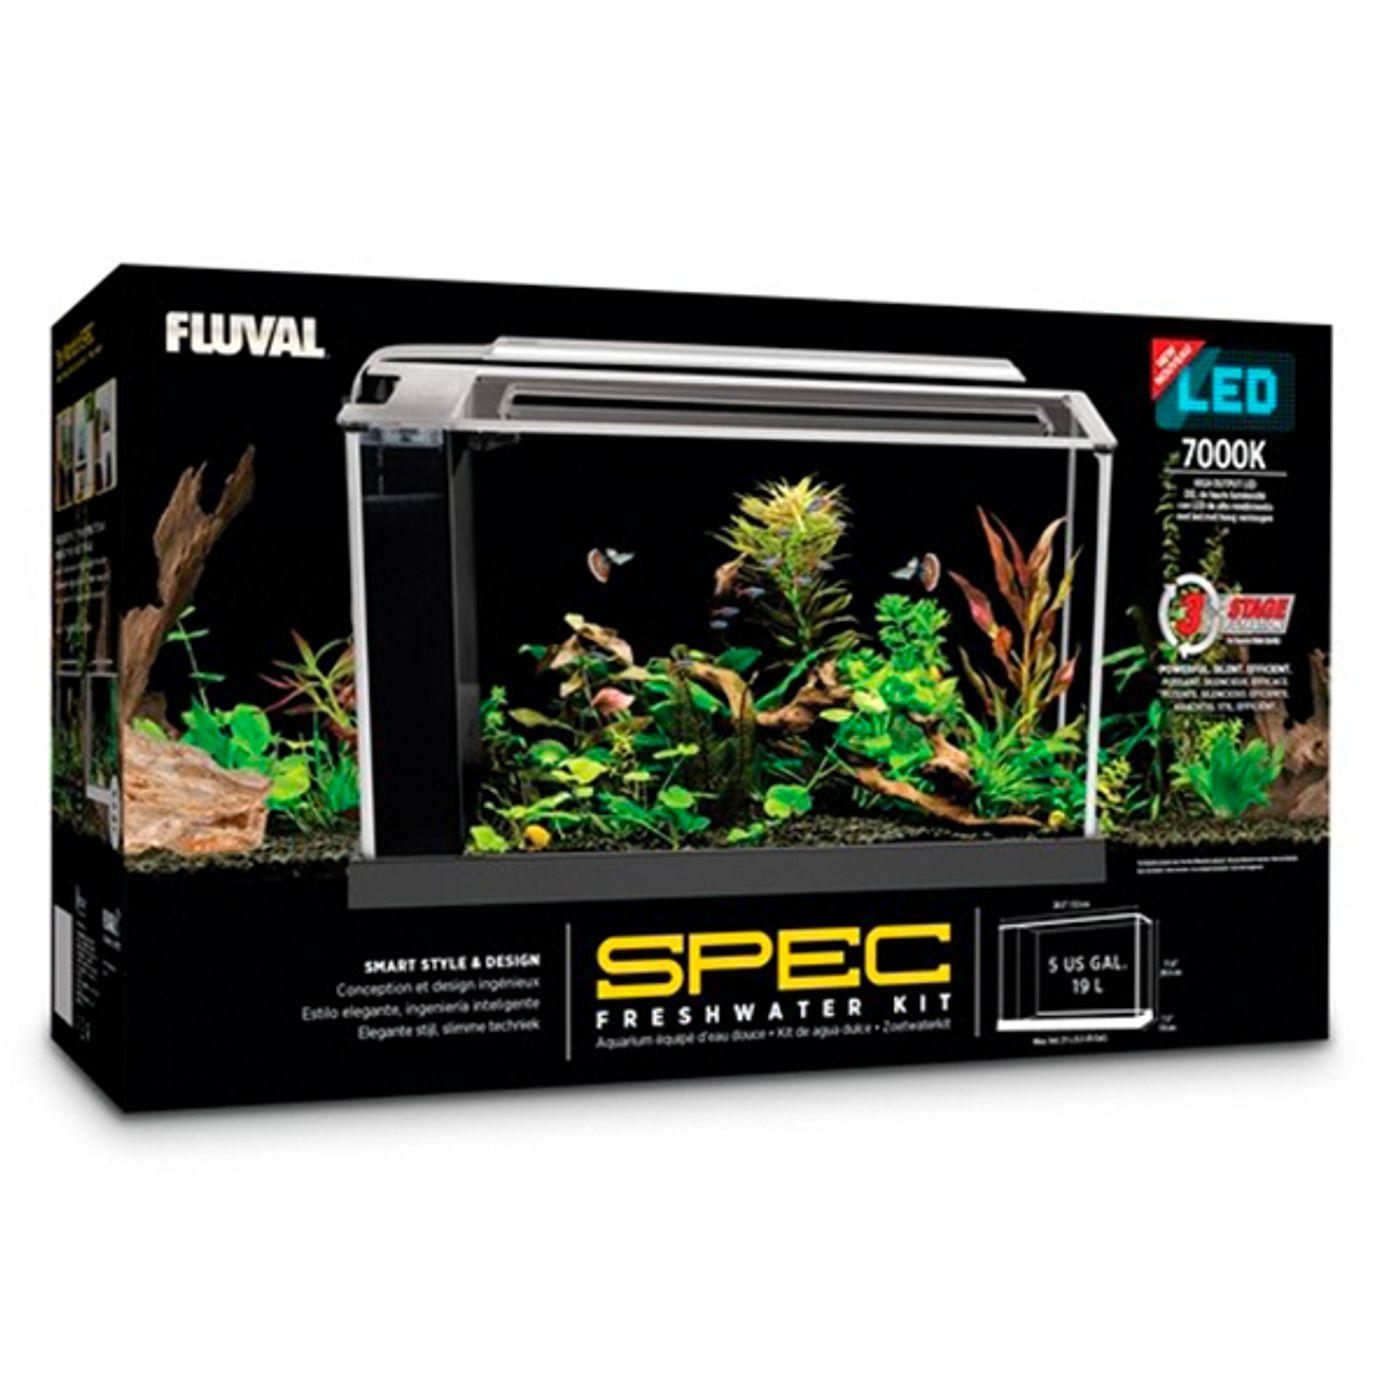 Aquario-FLUVAL-Spec-V-Nano-Branco-38-Leds-19-lts